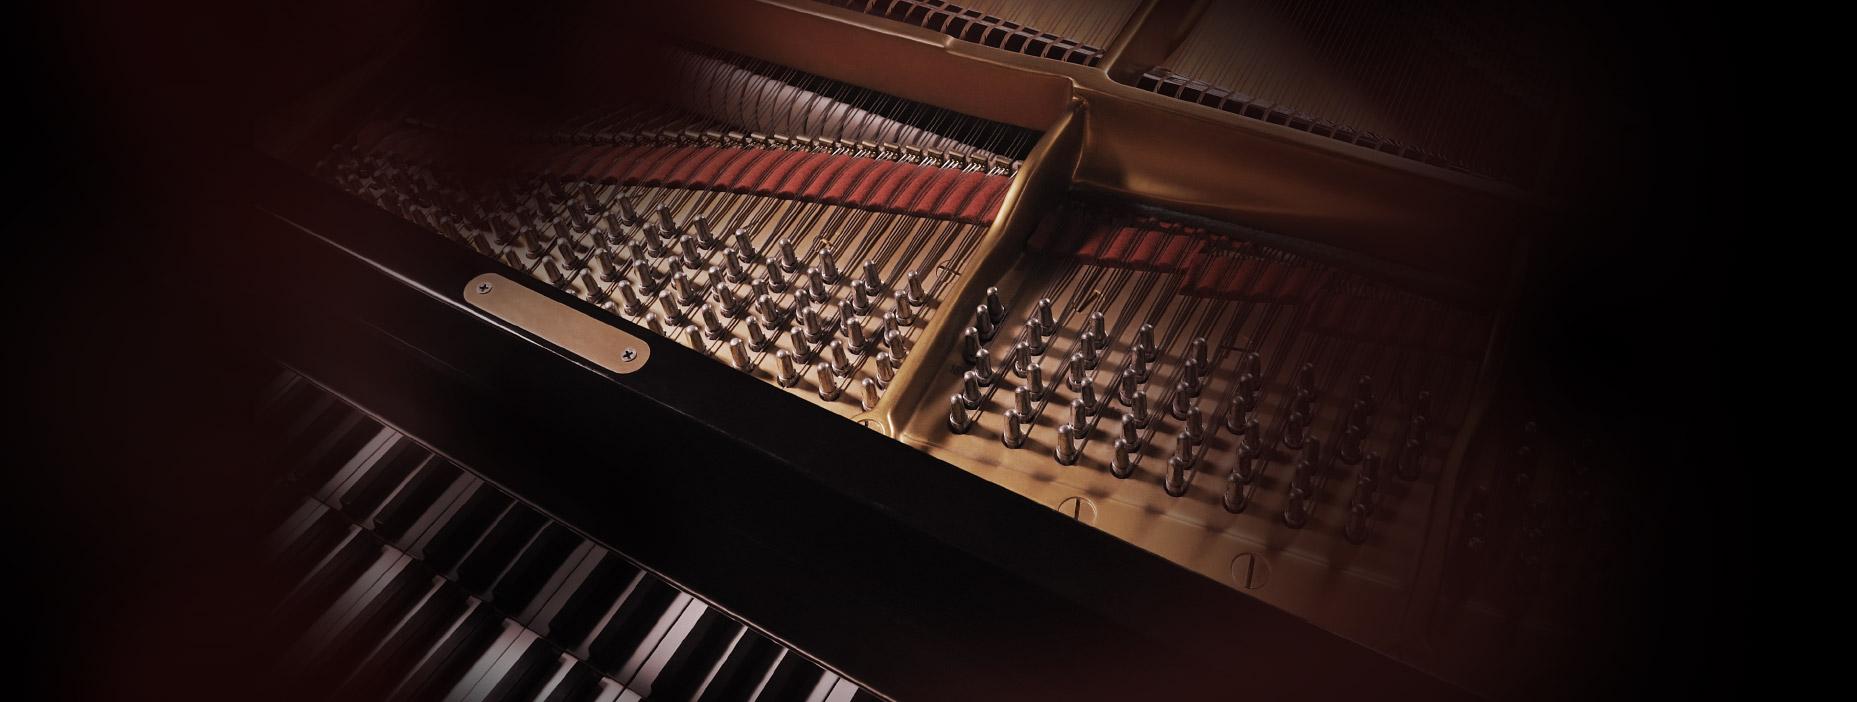 Noticias da Empresa de Eventos Musicais Para Casamentos, Orquestra e Coral, Corporativo